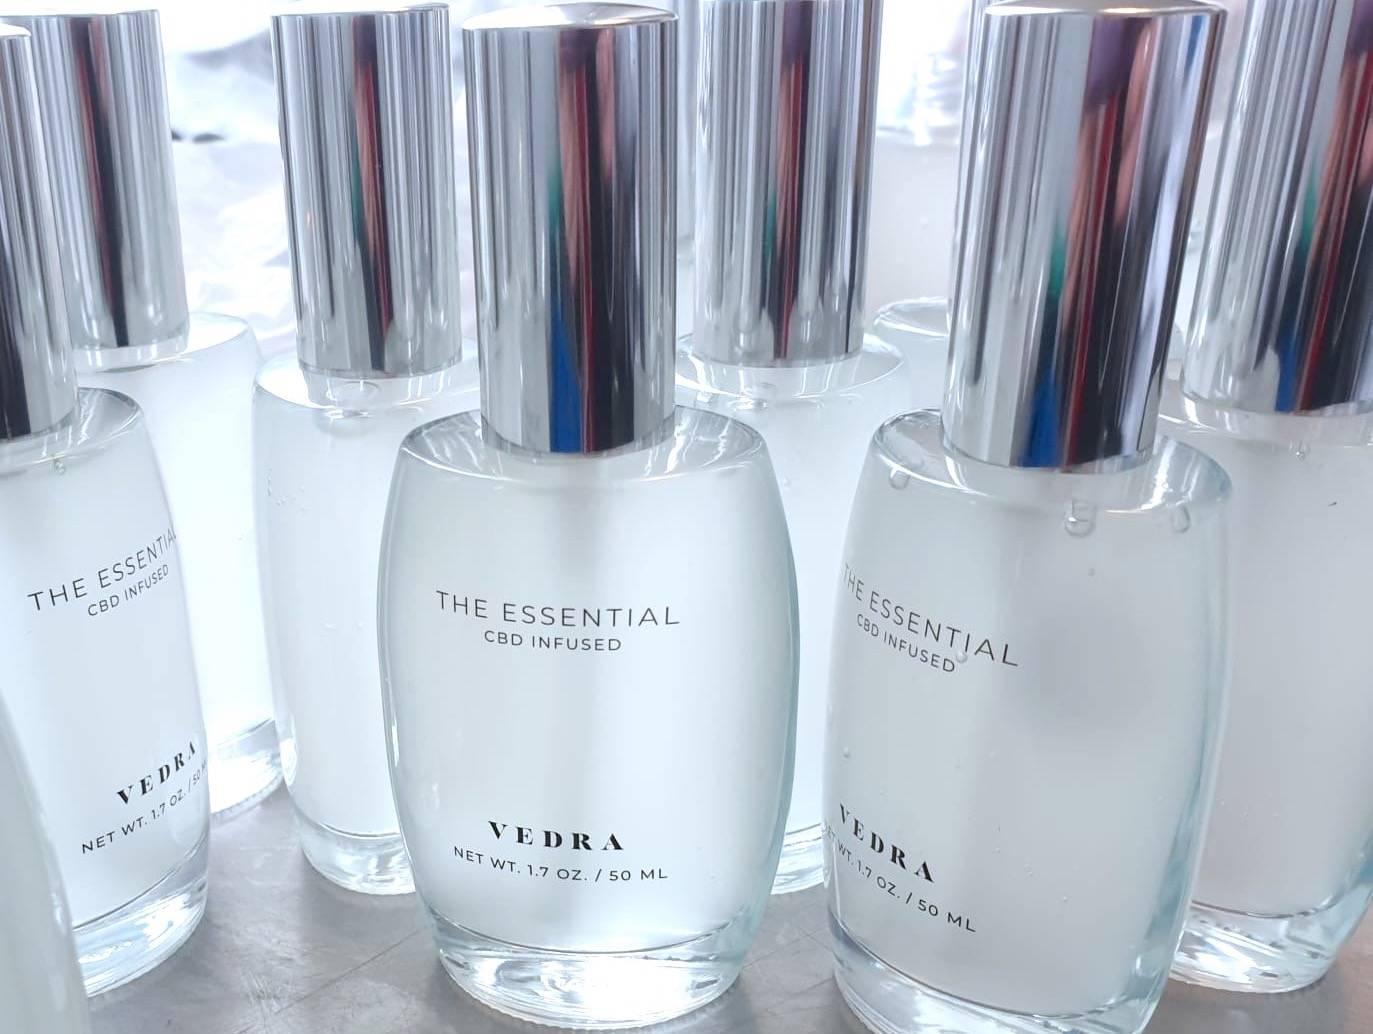 """Das Intimgel """"The Essential"""" von VEDRA hat seine eigene Reise hinter sich, ehe du es mit auf deine Sexual Journey nehmen kannst."""